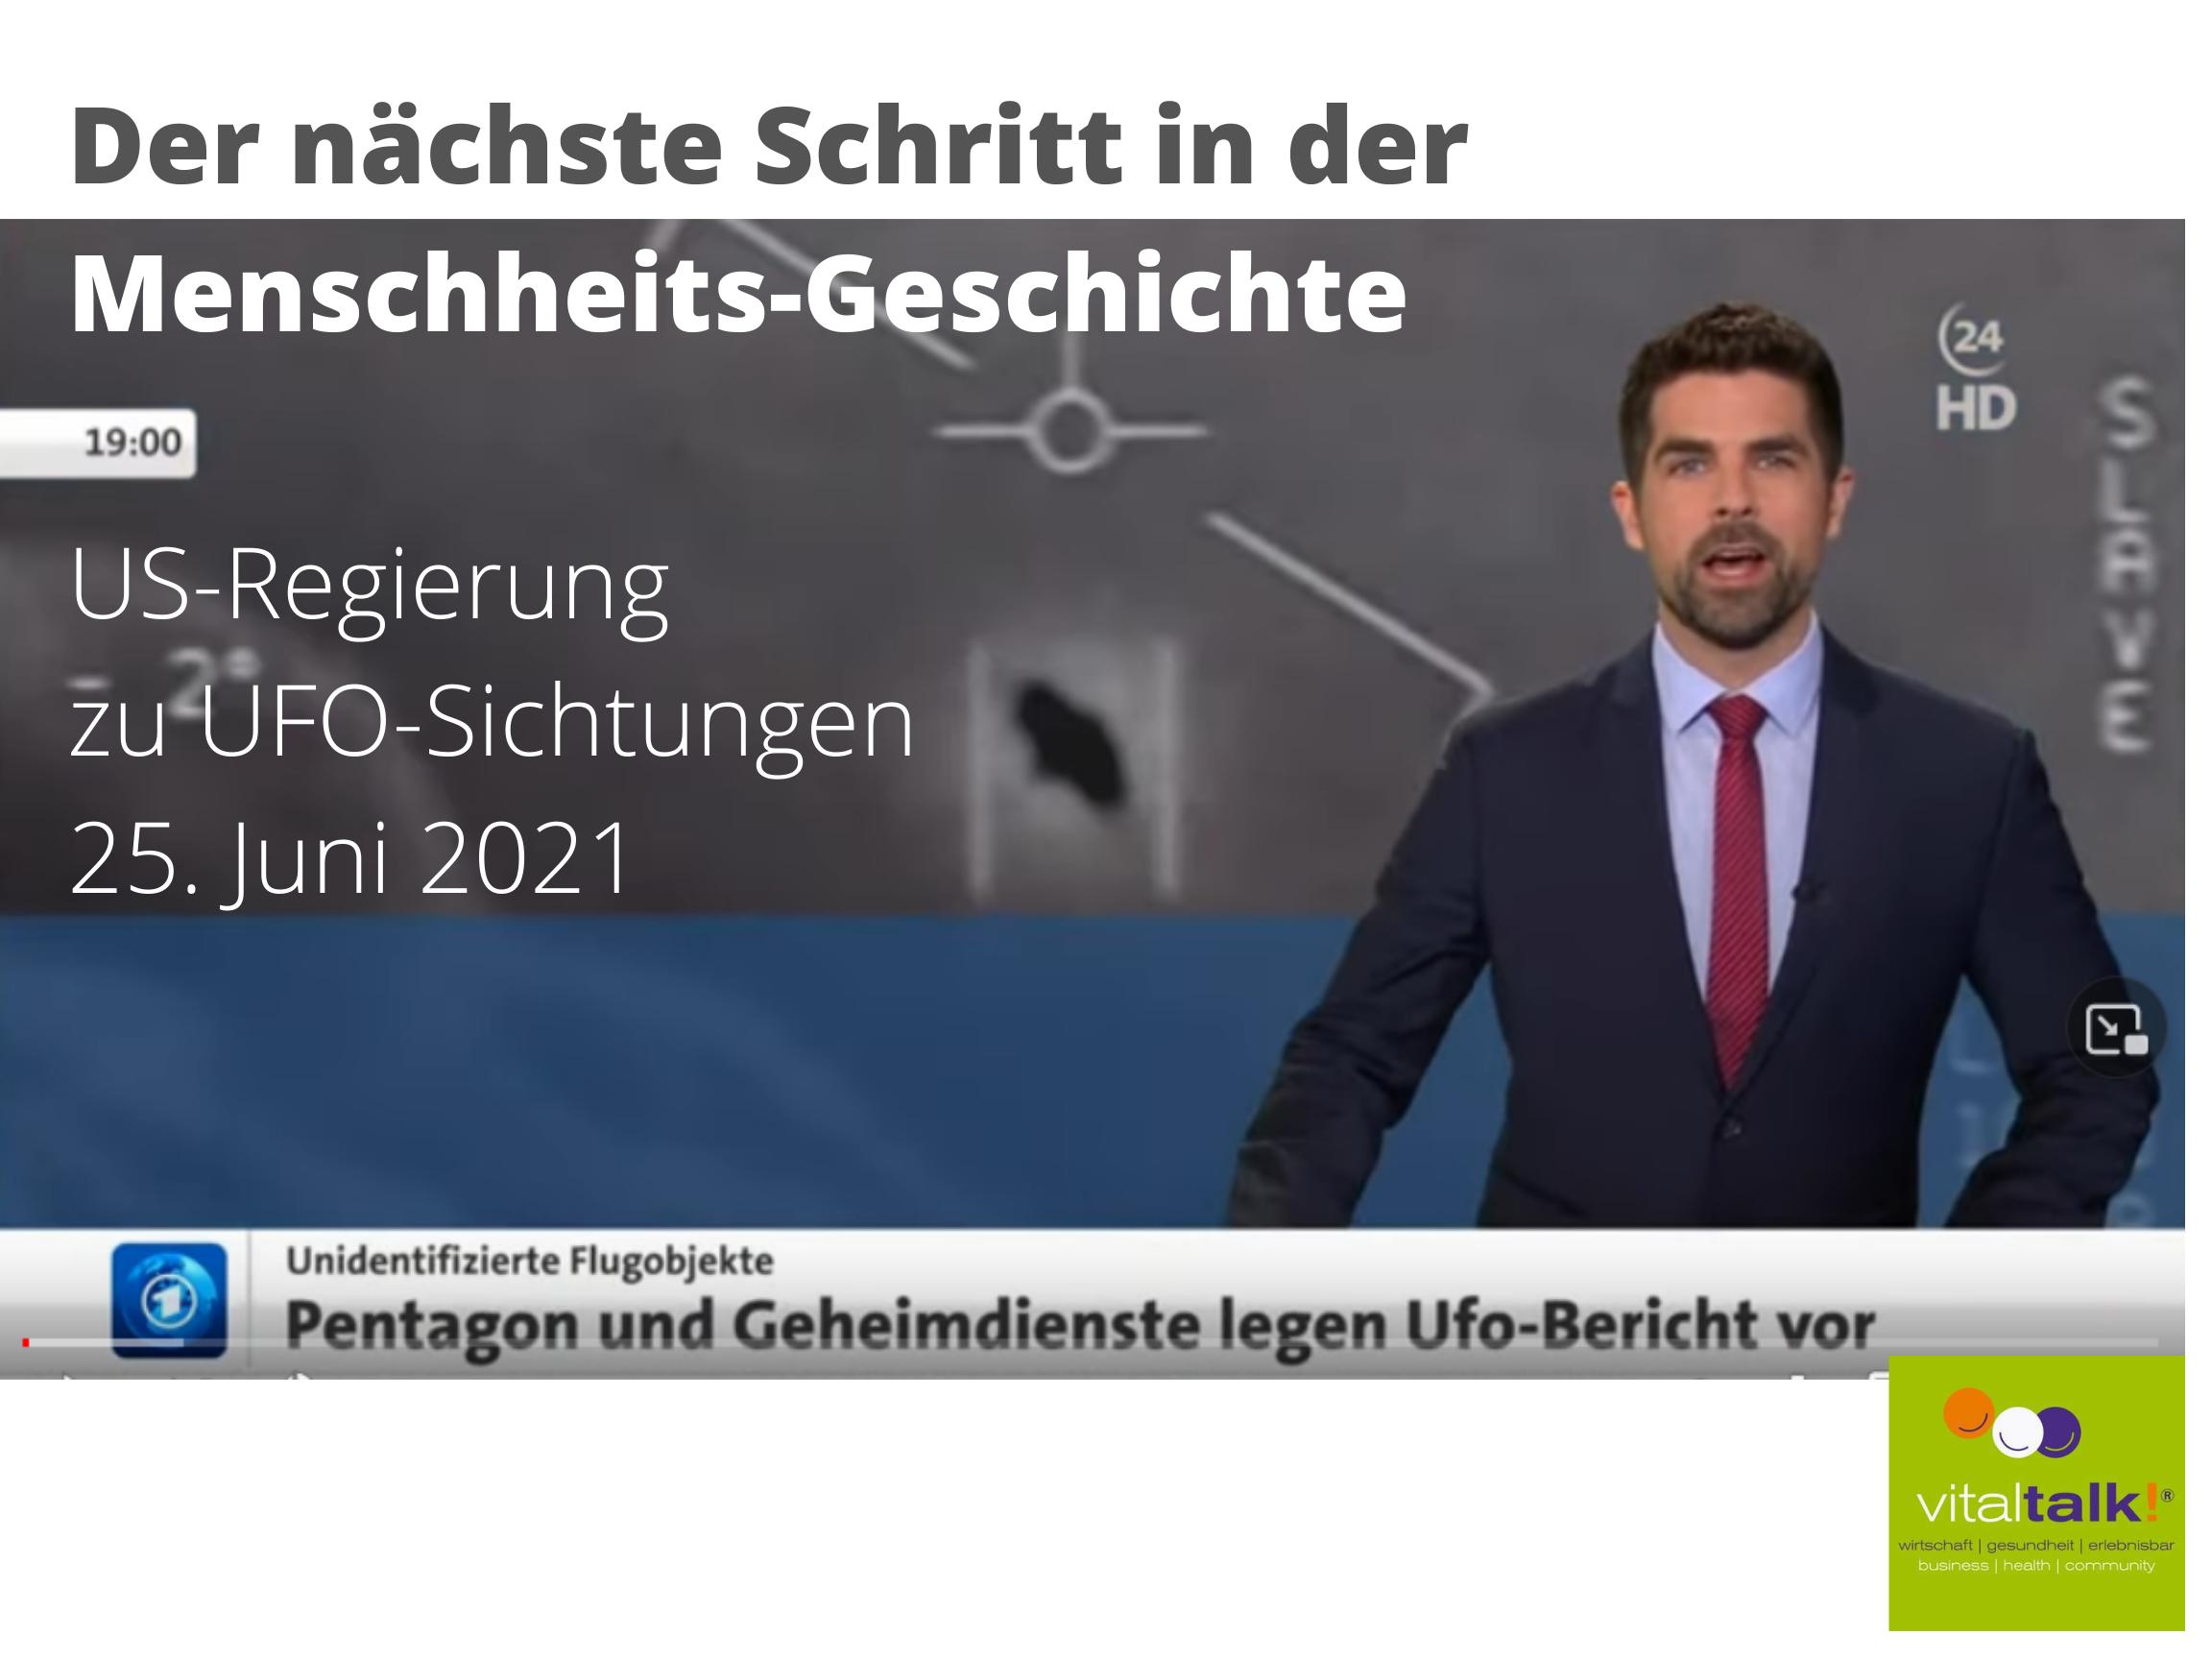 US-Regierung_zu_UFO-Sichtungen.png